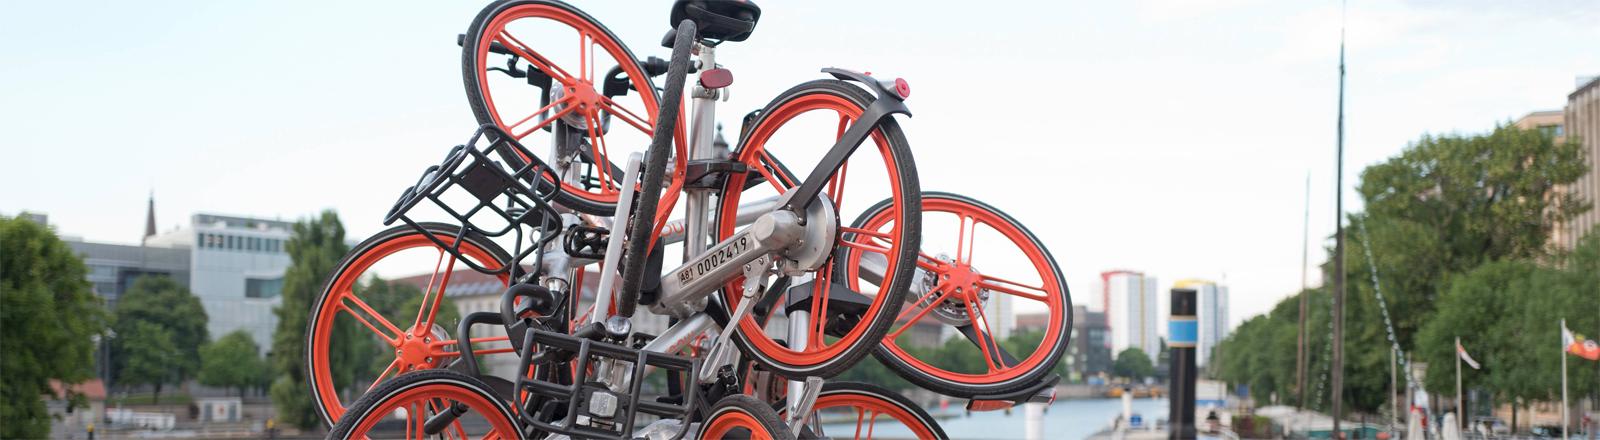 Skulptur aus Leihrädern auf der Inselbrücke in Berlin